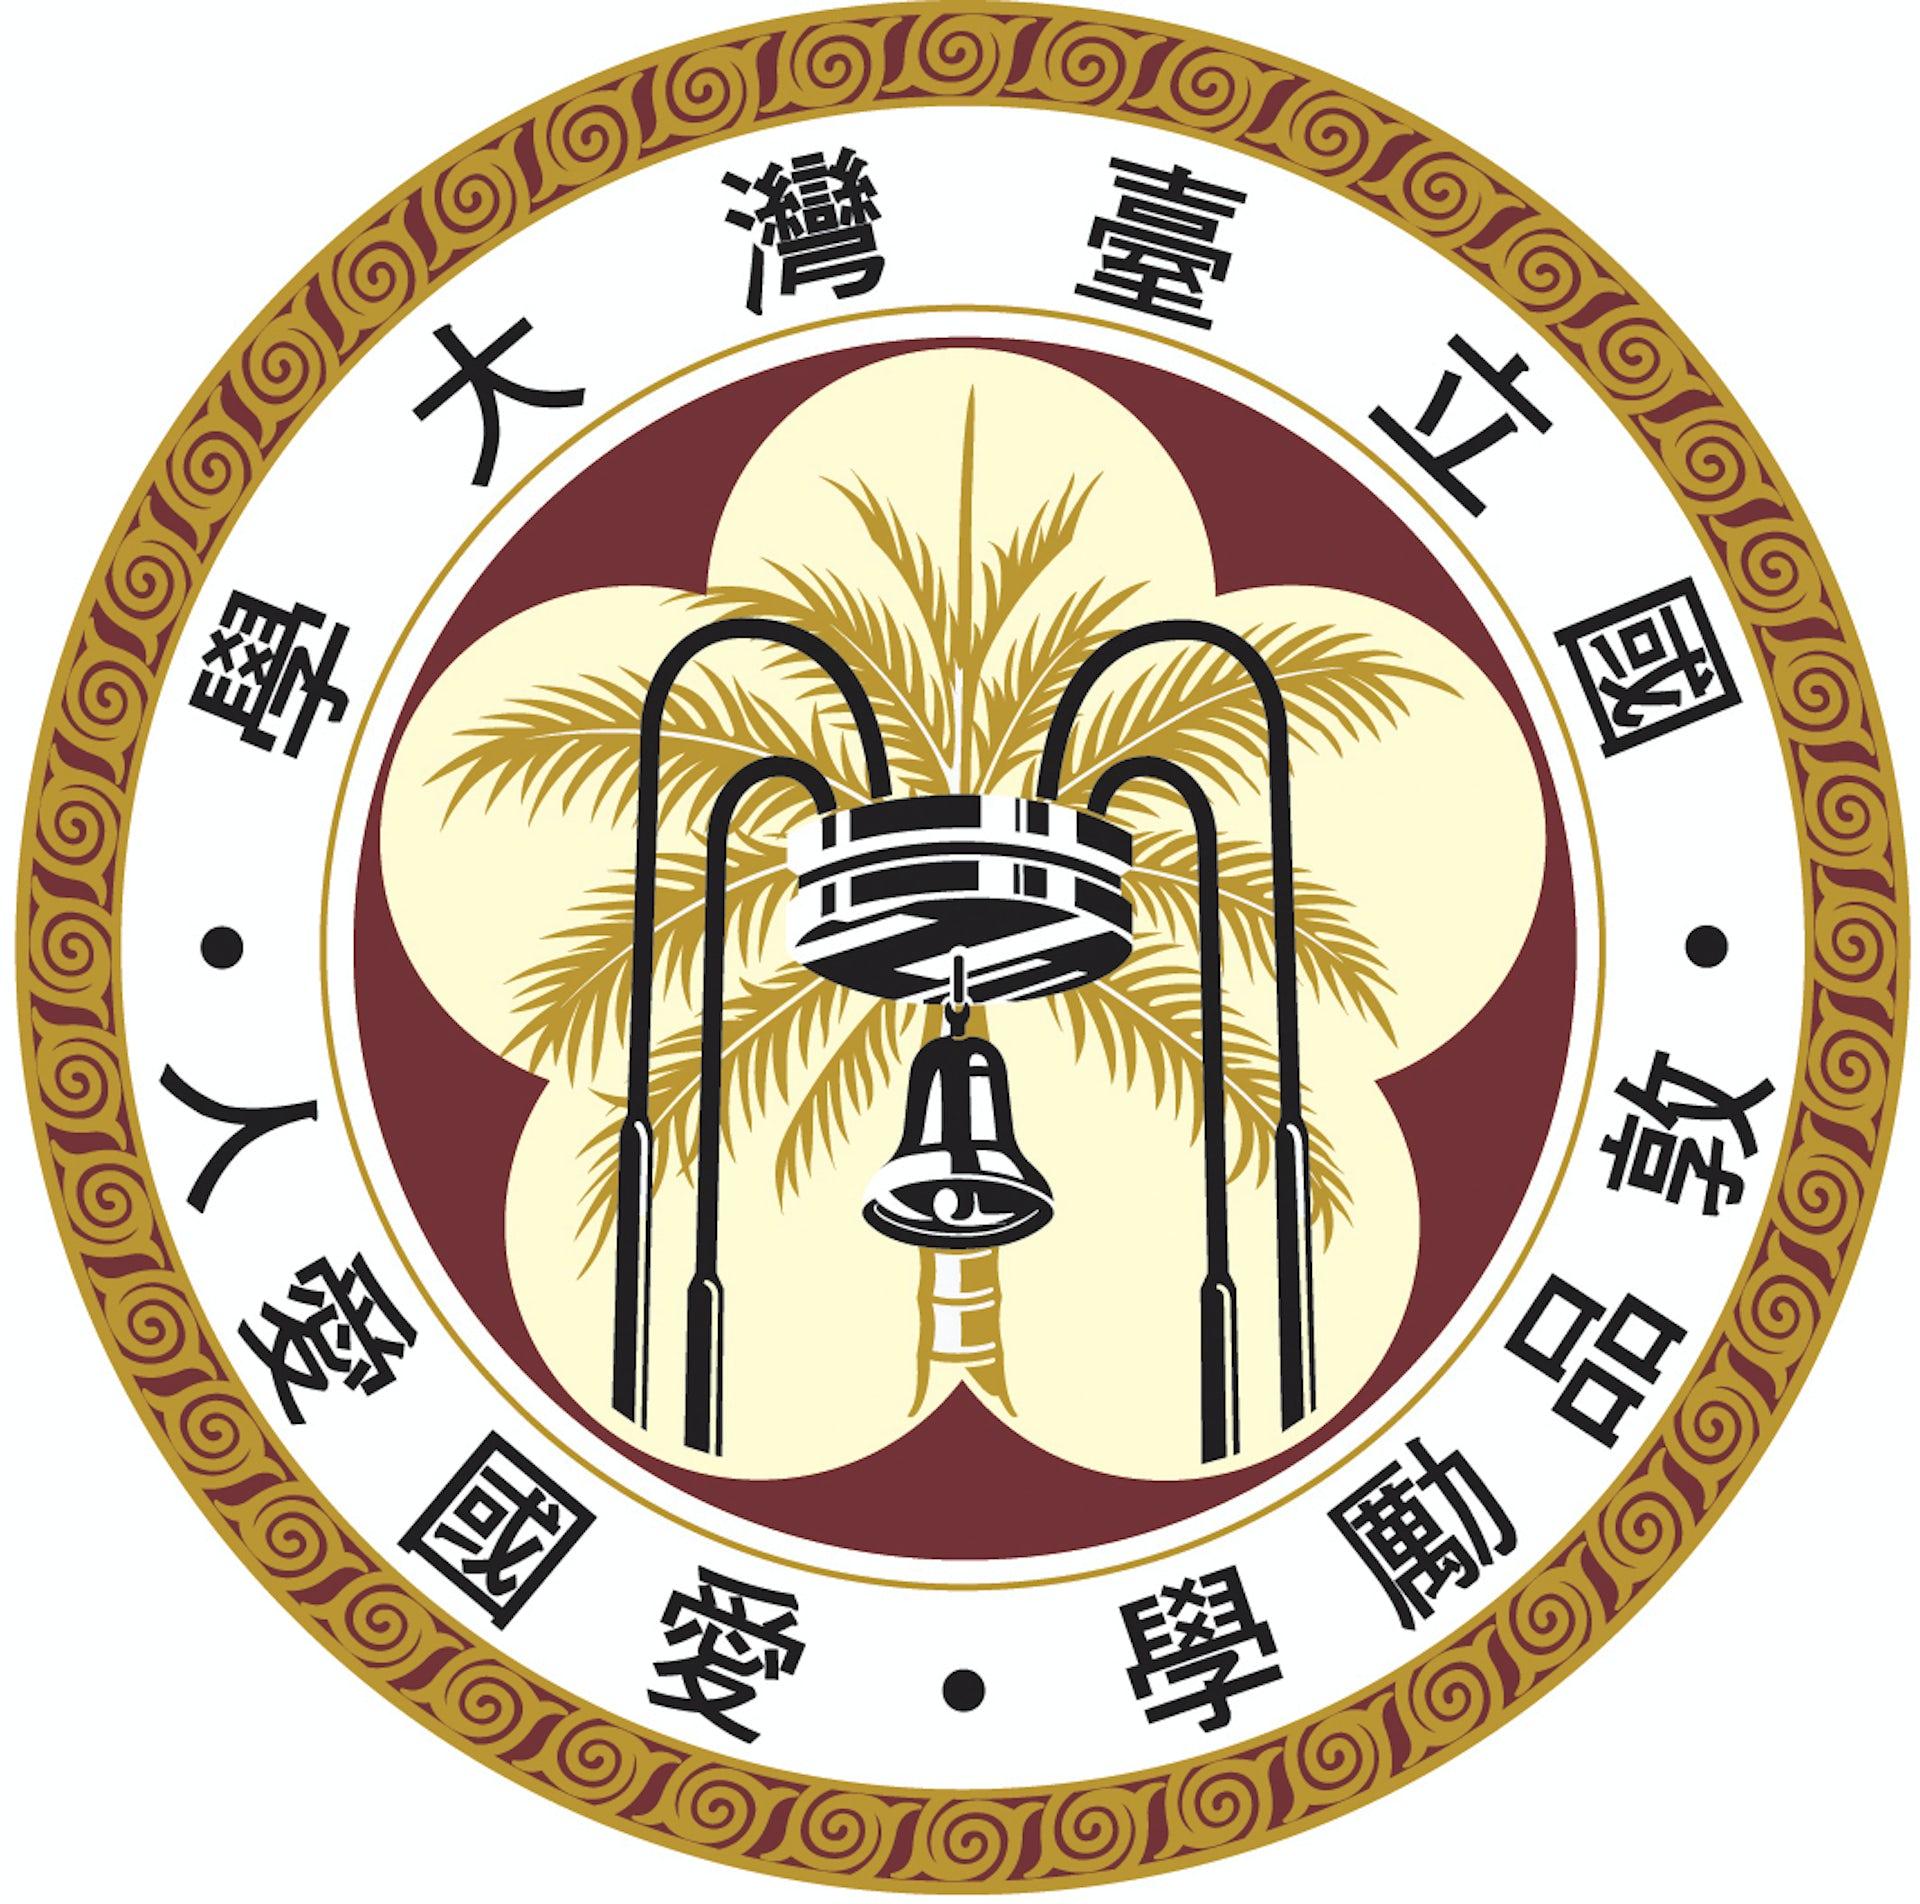 Logo 1417437010.jpg?ixlib=rb 1.1